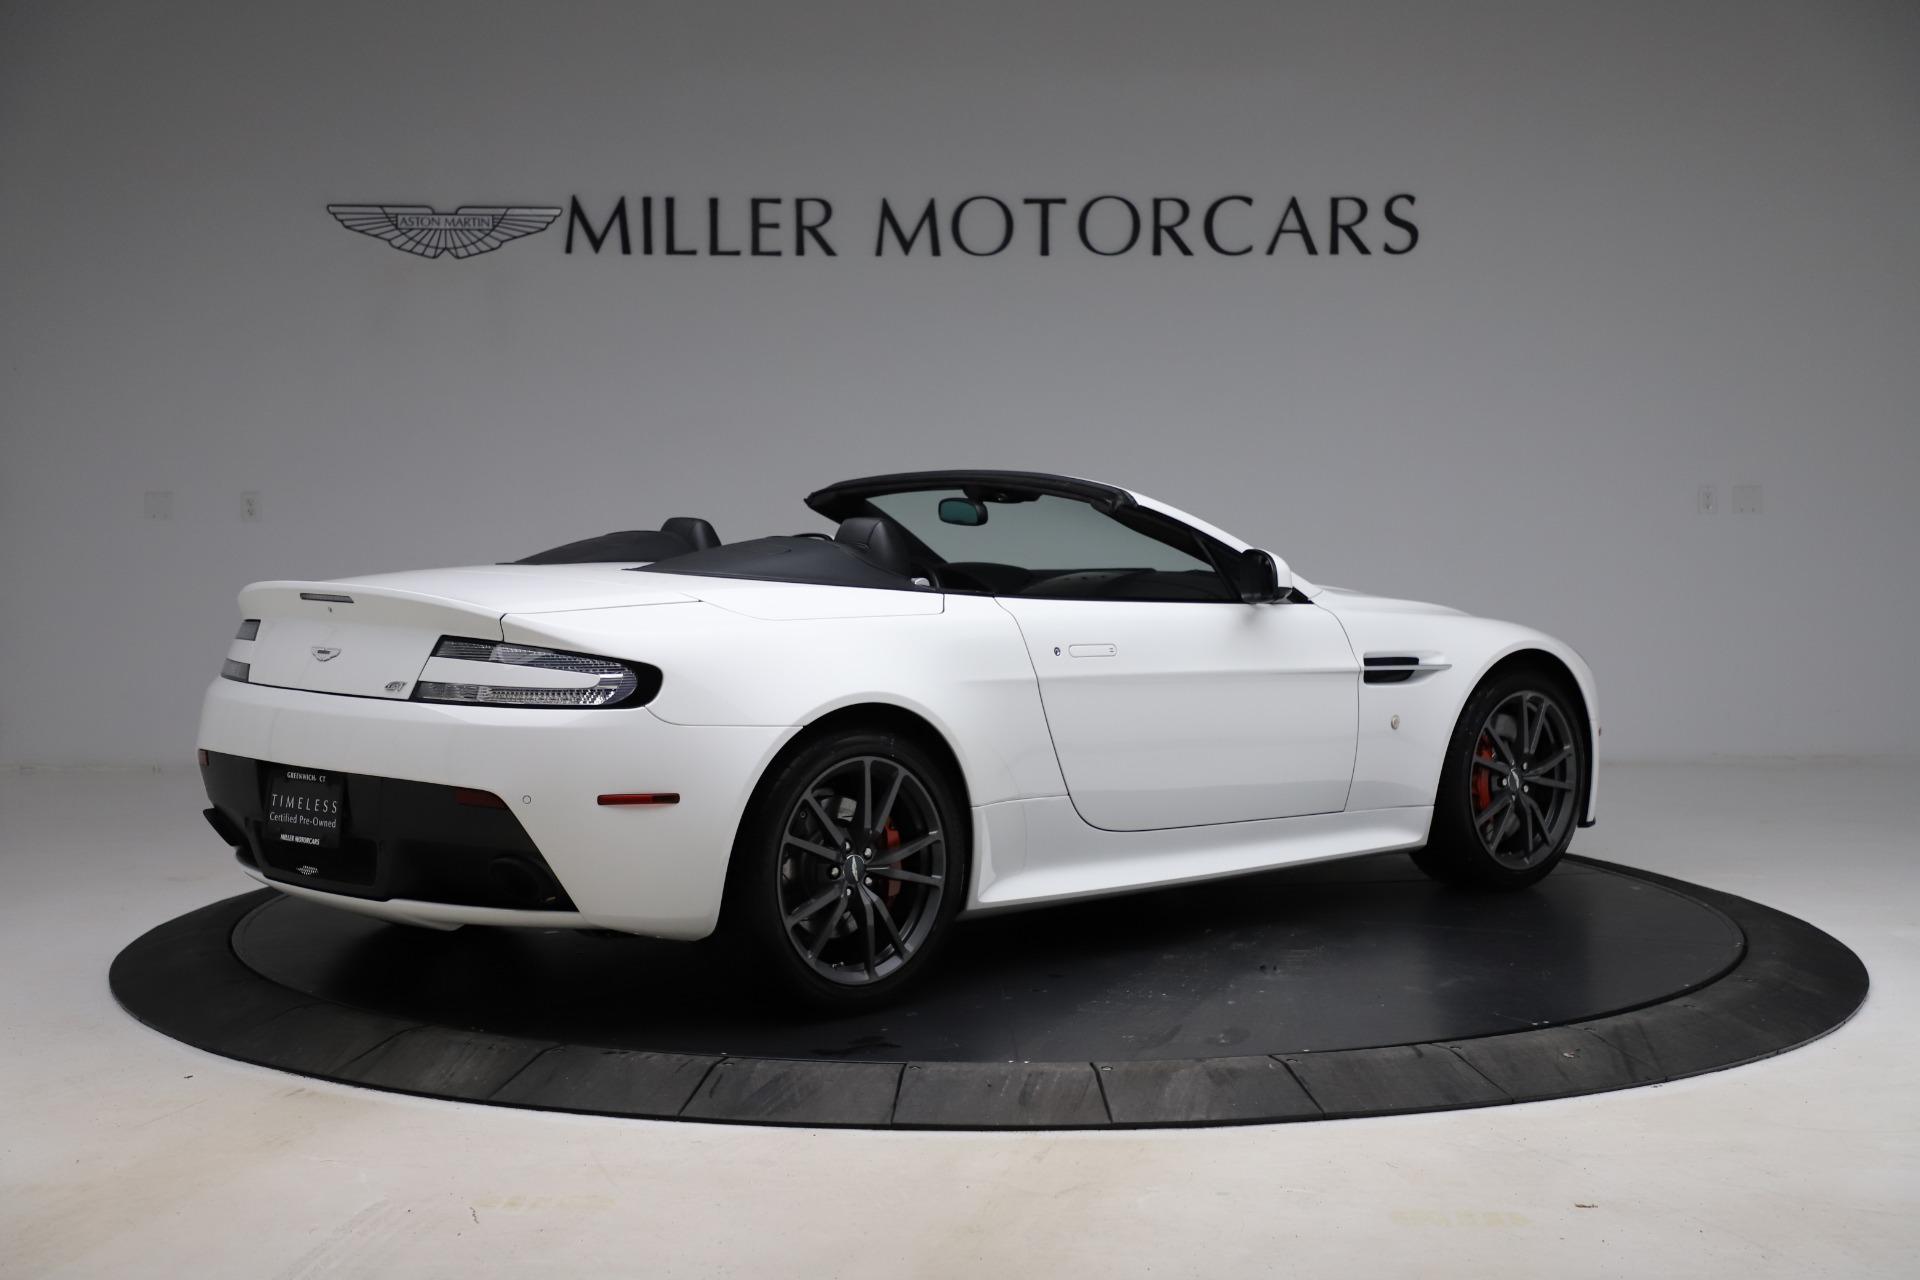 New 2015 Aston Martin Vantage GT GT Roadster For Sale In Westport, CT 93_p7